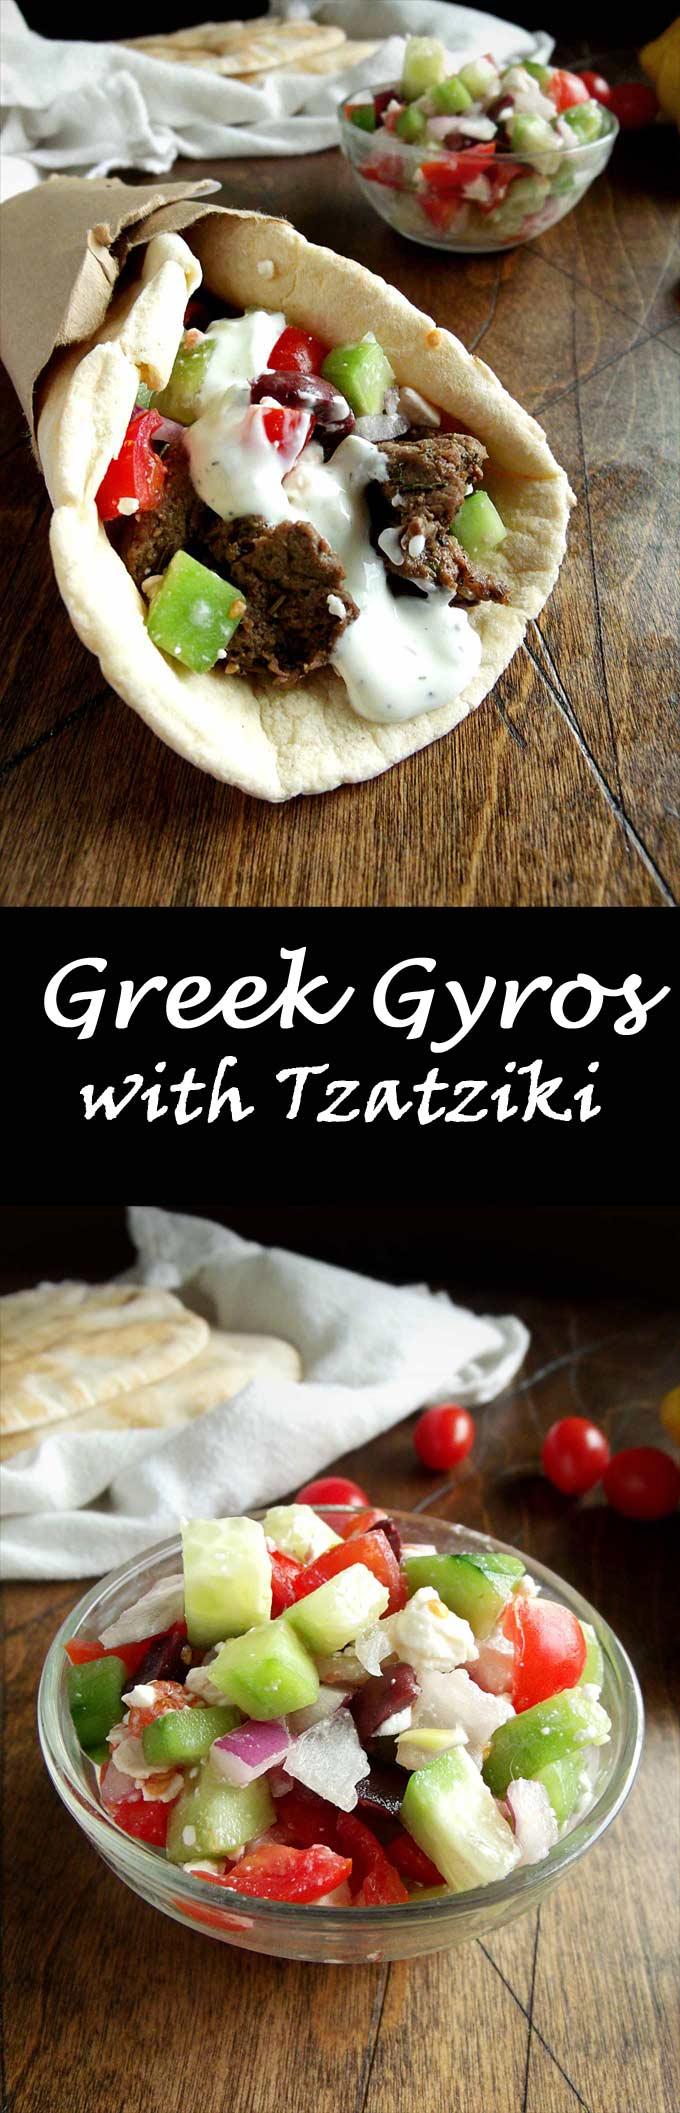 Greek Gyros with Tzatziki Sauce